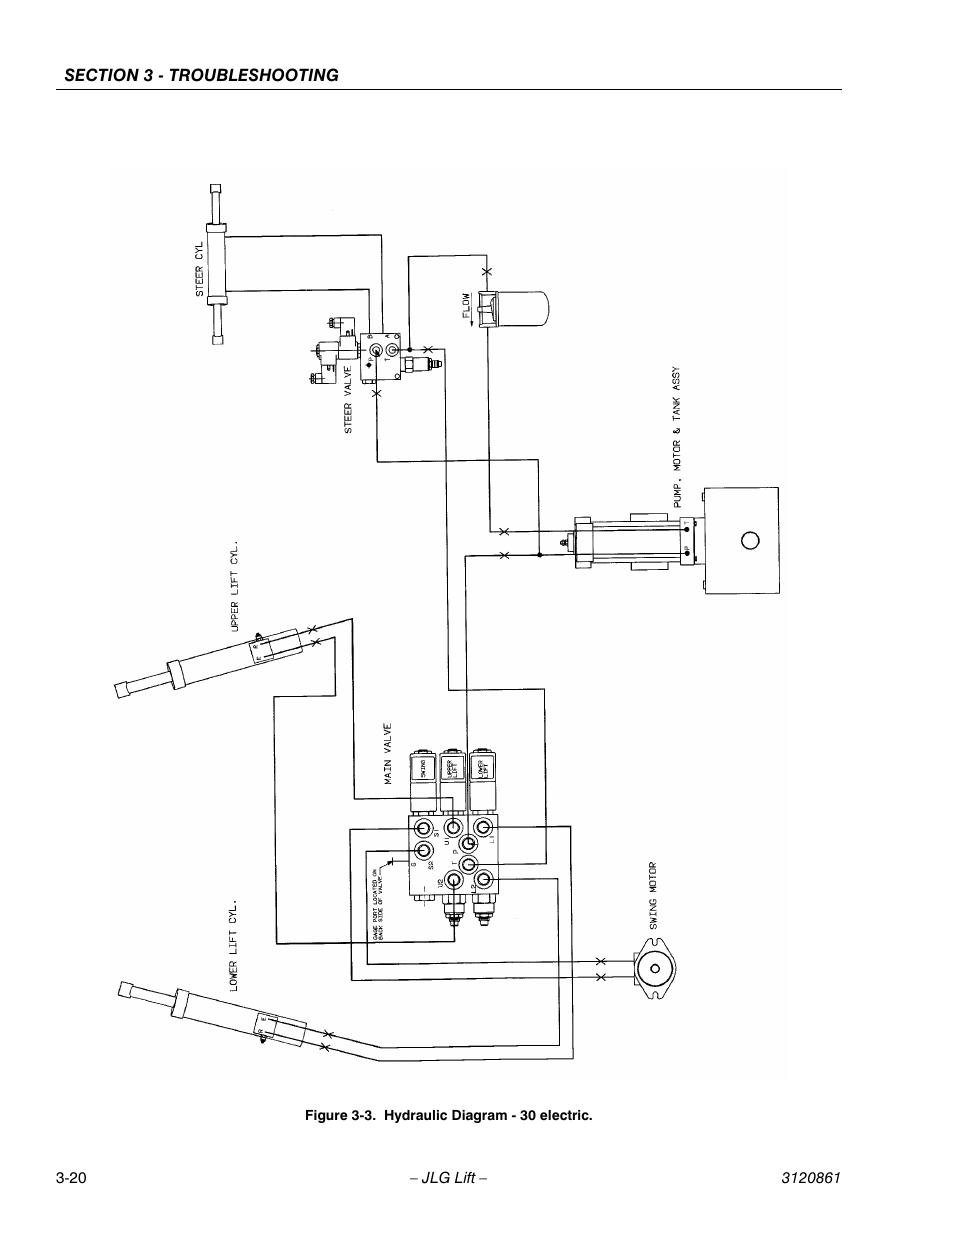 Hydraulic Diagram - 30 Electric